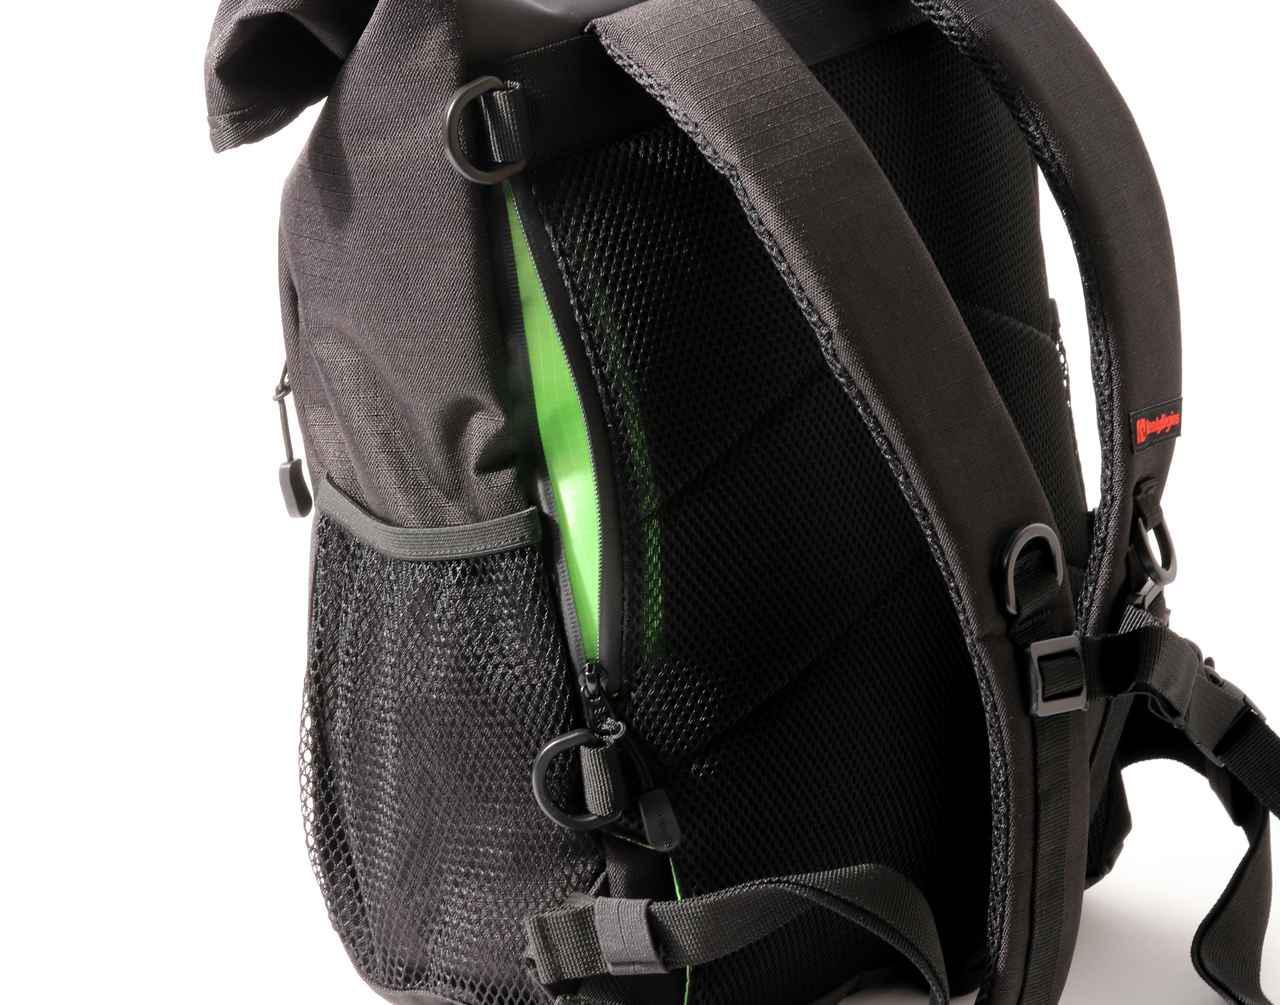 画像: ▲背面に隠しポケットがあります。ここも止水ファスナーが採用されていますが、やはり濡れるものと考えて使っていました。